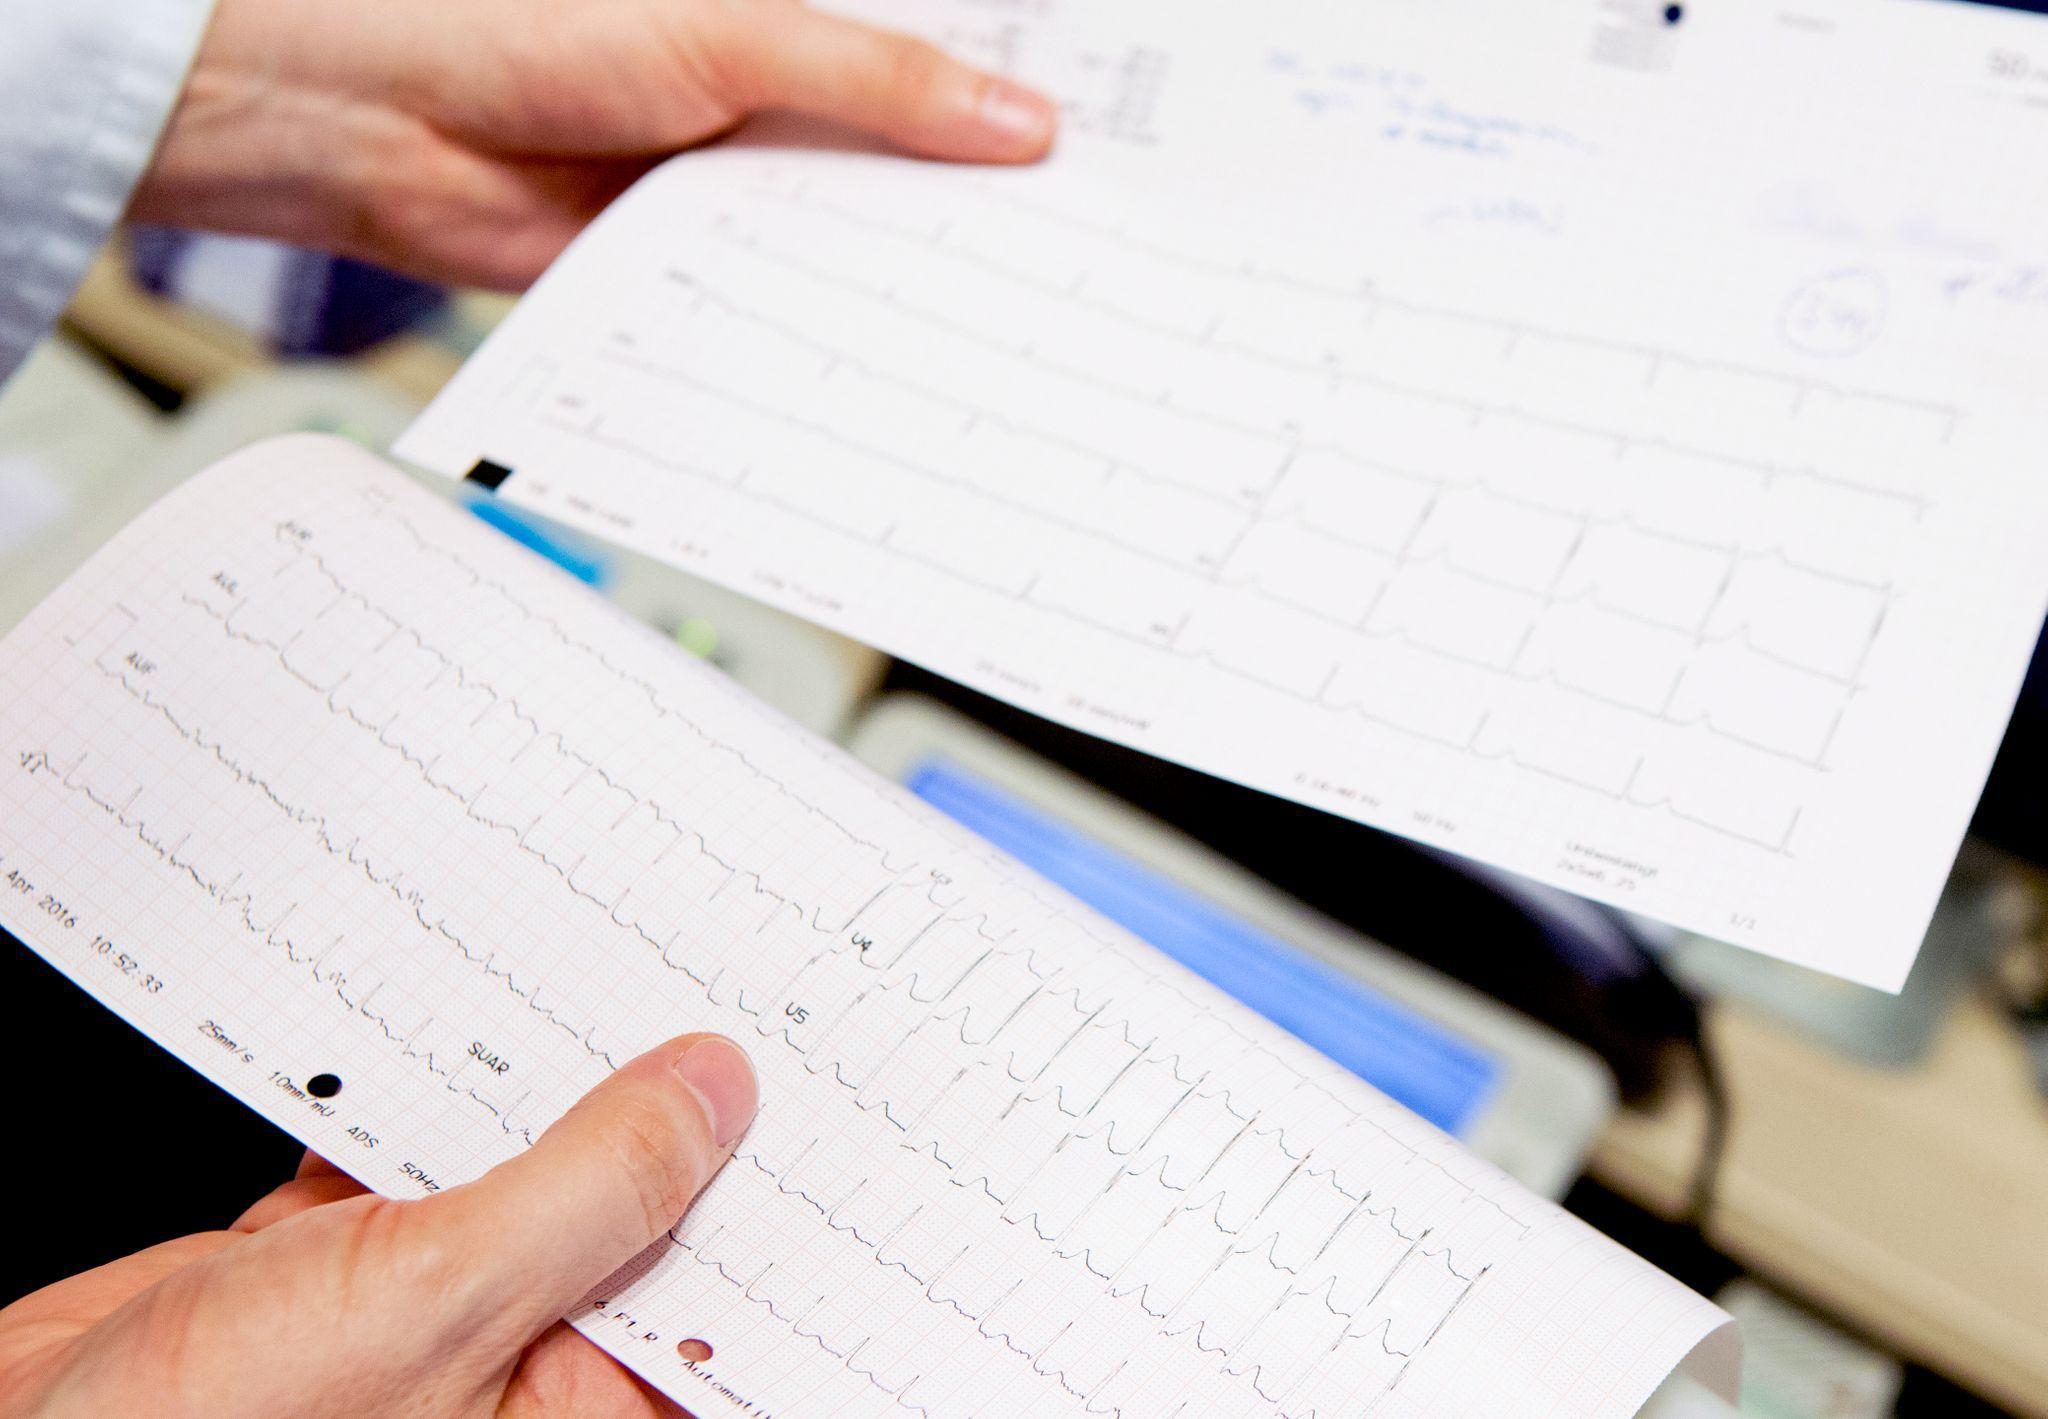 ARCHIVO - El electrocardiograma puede dar indicios sobre una insuficiencia cardíaca. Foto: Oliver Krato/dpa